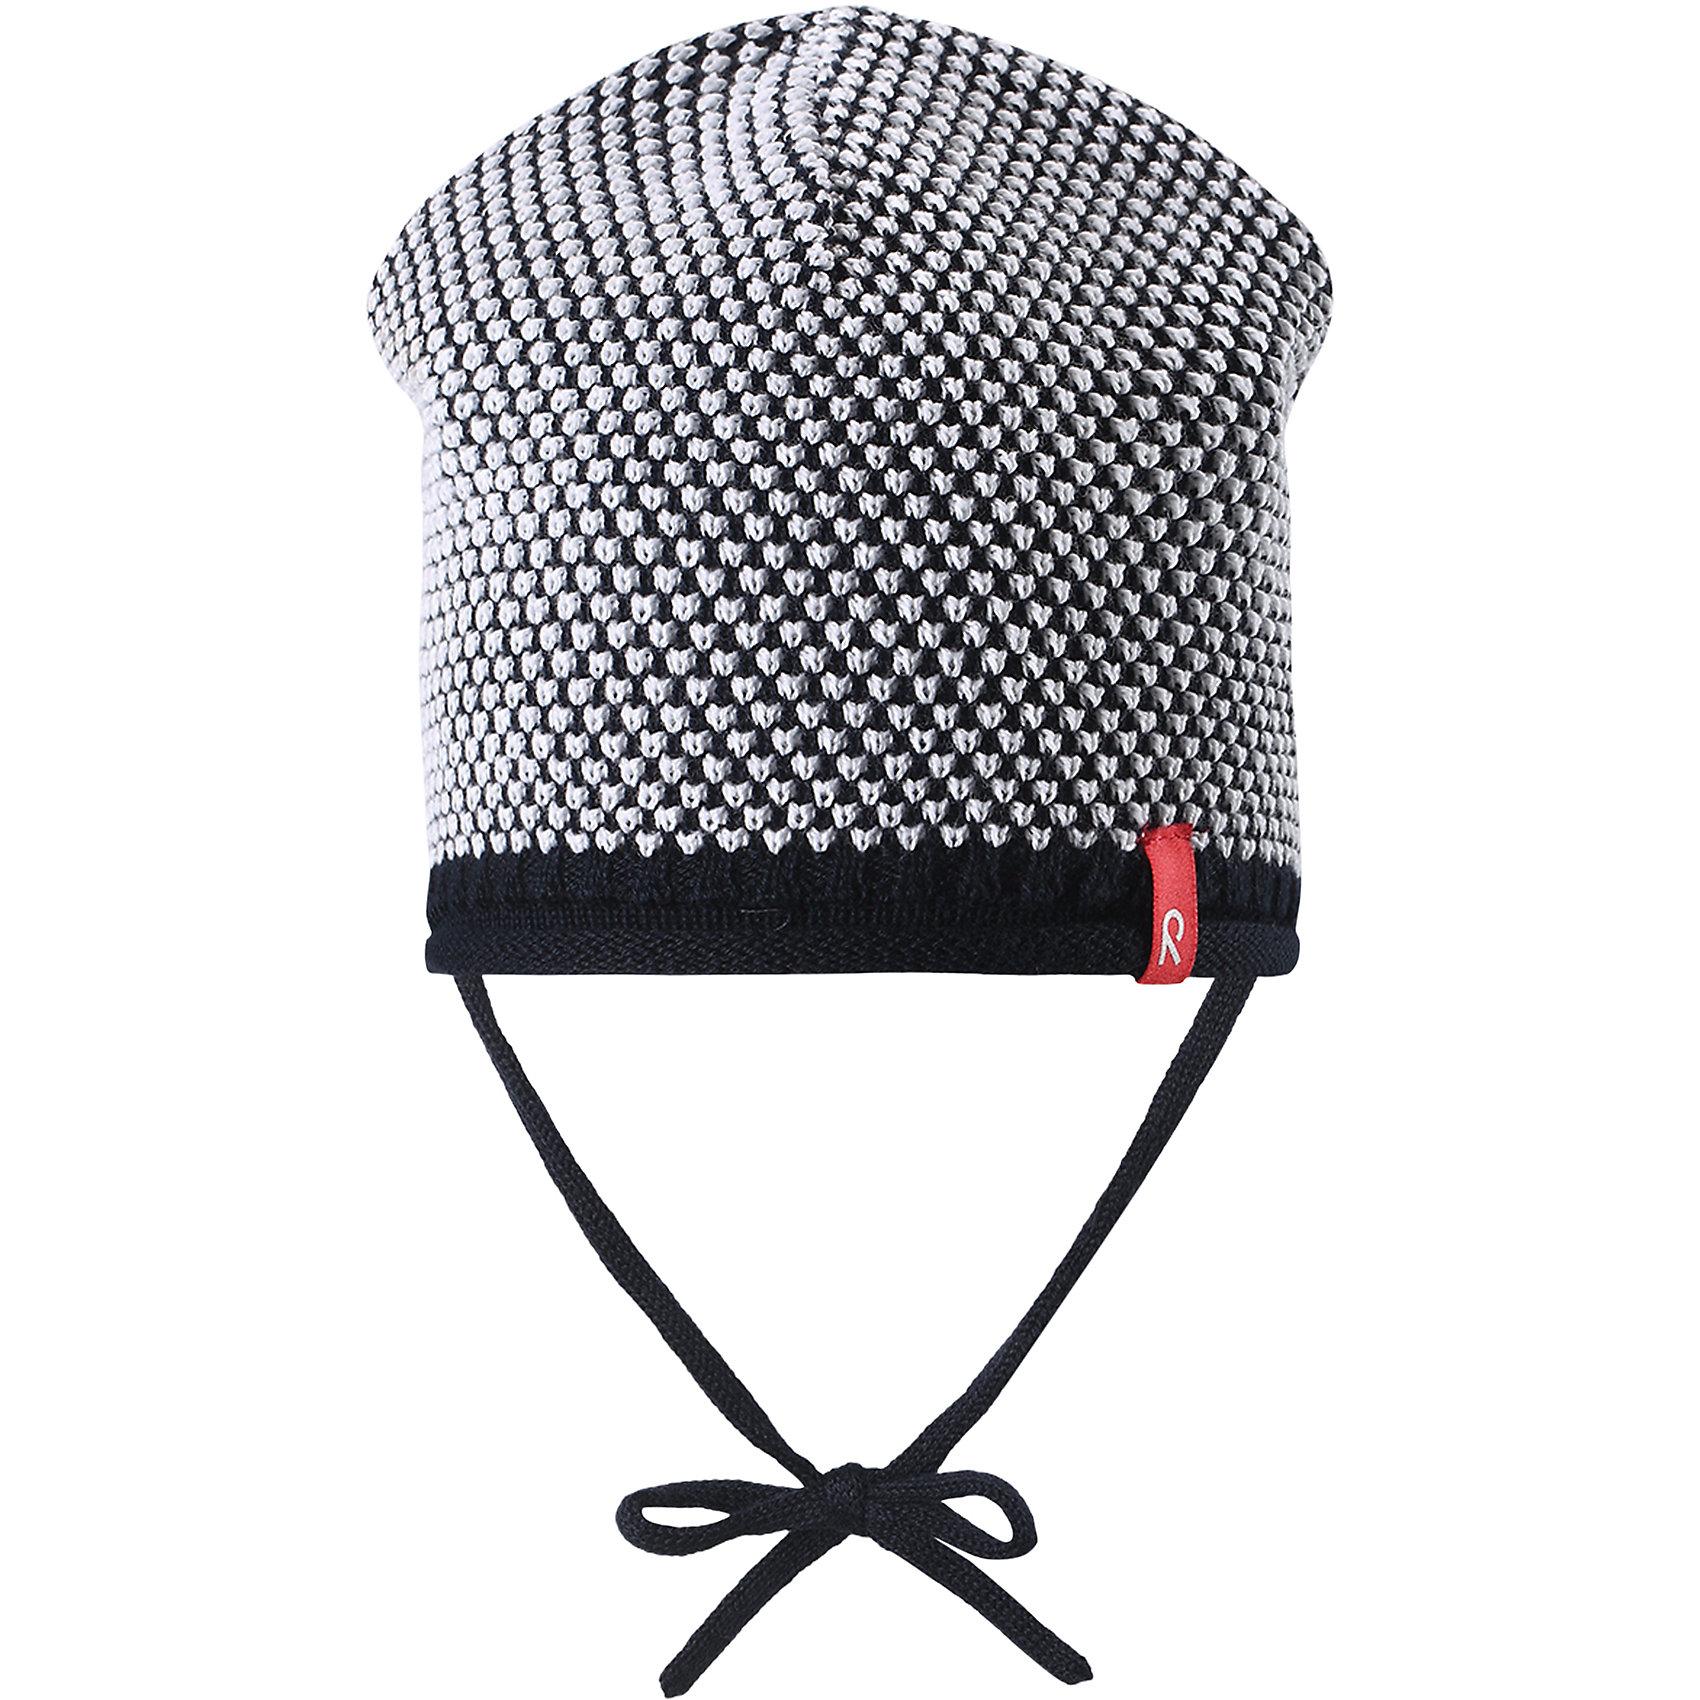 Шапка для мальчика ReimaШапки и шарфы<br>Характеристики товара:<br><br>• цвет: тёмно-синий<br>• состав: 100% хлопок<br>• облегчённая модель без подкладки<br>• температурный режим: от +10С<br>• эластичный хлопковый трикотаж<br>• изделие сертифицированно по старндарту Oeko-Tex на продукцию класса 1 - одежда для новорожденных<br>• завязки во всех размерах<br>• эмблема Reima спереди<br>• декоративная структурная вязка<br>• страна бренда: Финляндия<br>• страна производства: Китай<br><br>Детский головной убор может быть модным и удобным одновременно! Стильная шапка поможет обеспечить ребенку комфорт и дополнить наряд. Шапка удобно сидит и аккуратно выглядит. Проста в уходе, долго служит. Стильный дизайн разрабатывался специально для детей. Отличная защита от дождя и ветра!<br><br>Уход:<br><br>• стирать по отдельности, вывернув наизнанку<br>• придать первоначальную форму вo влажном виде<br>• возможна усадка 5 %.<br><br>Шапку для мальчика от финского бренда Reima (Рейма) можно купить в нашем интернет-магазине.<br><br>Ширина мм: 89<br>Глубина мм: 117<br>Высота мм: 44<br>Вес г: 155<br>Цвет: синий<br>Возраст от месяцев: 24<br>Возраст до месяцев: 60<br>Пол: Мужской<br>Возраст: Детский<br>Размер: 52,46,48,50<br>SKU: 5270911